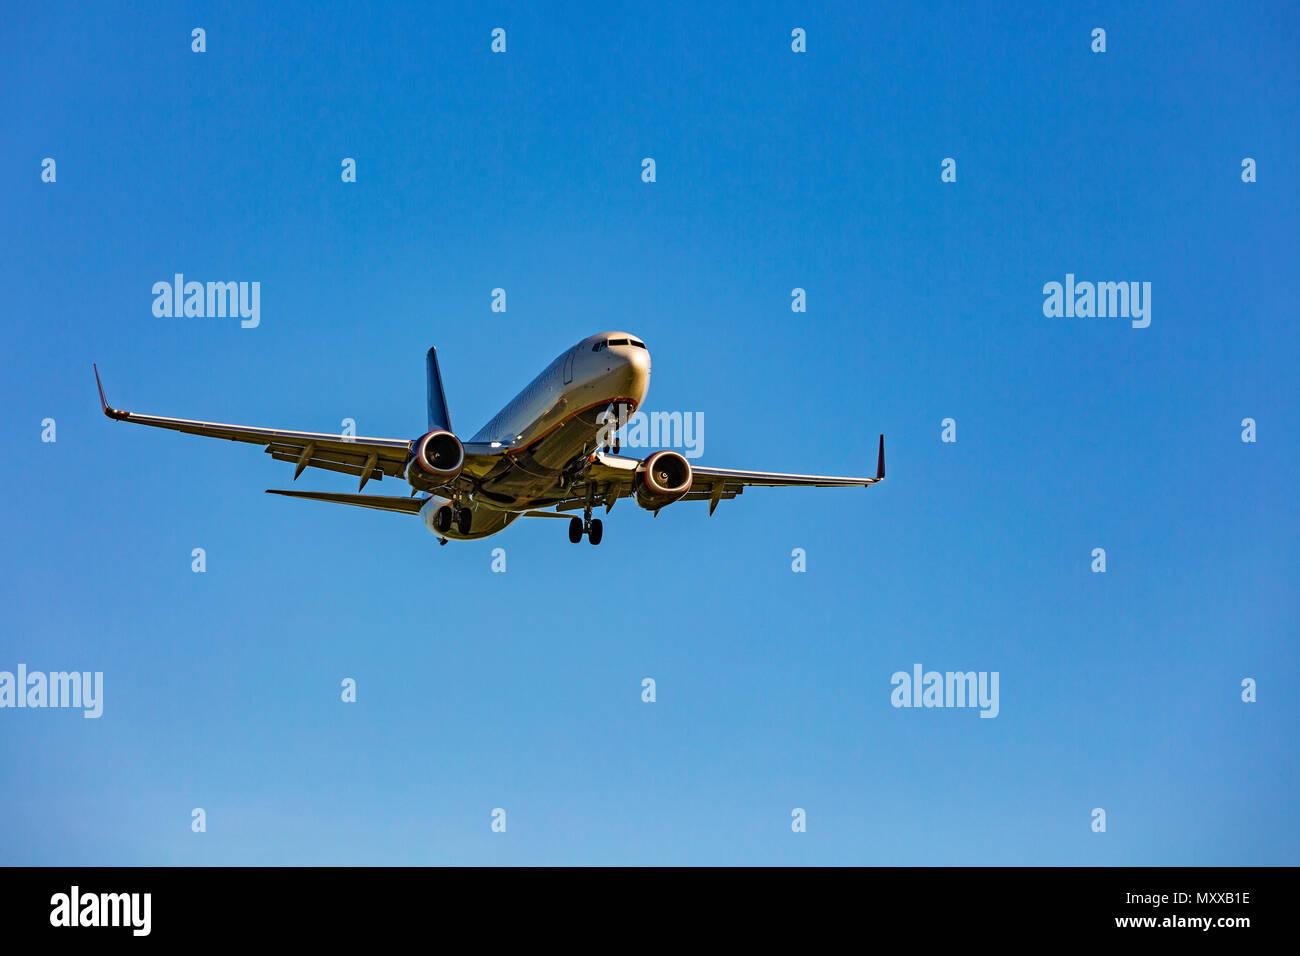 Grand avion de passagers volant dans le ciel bleu Banque D'Images